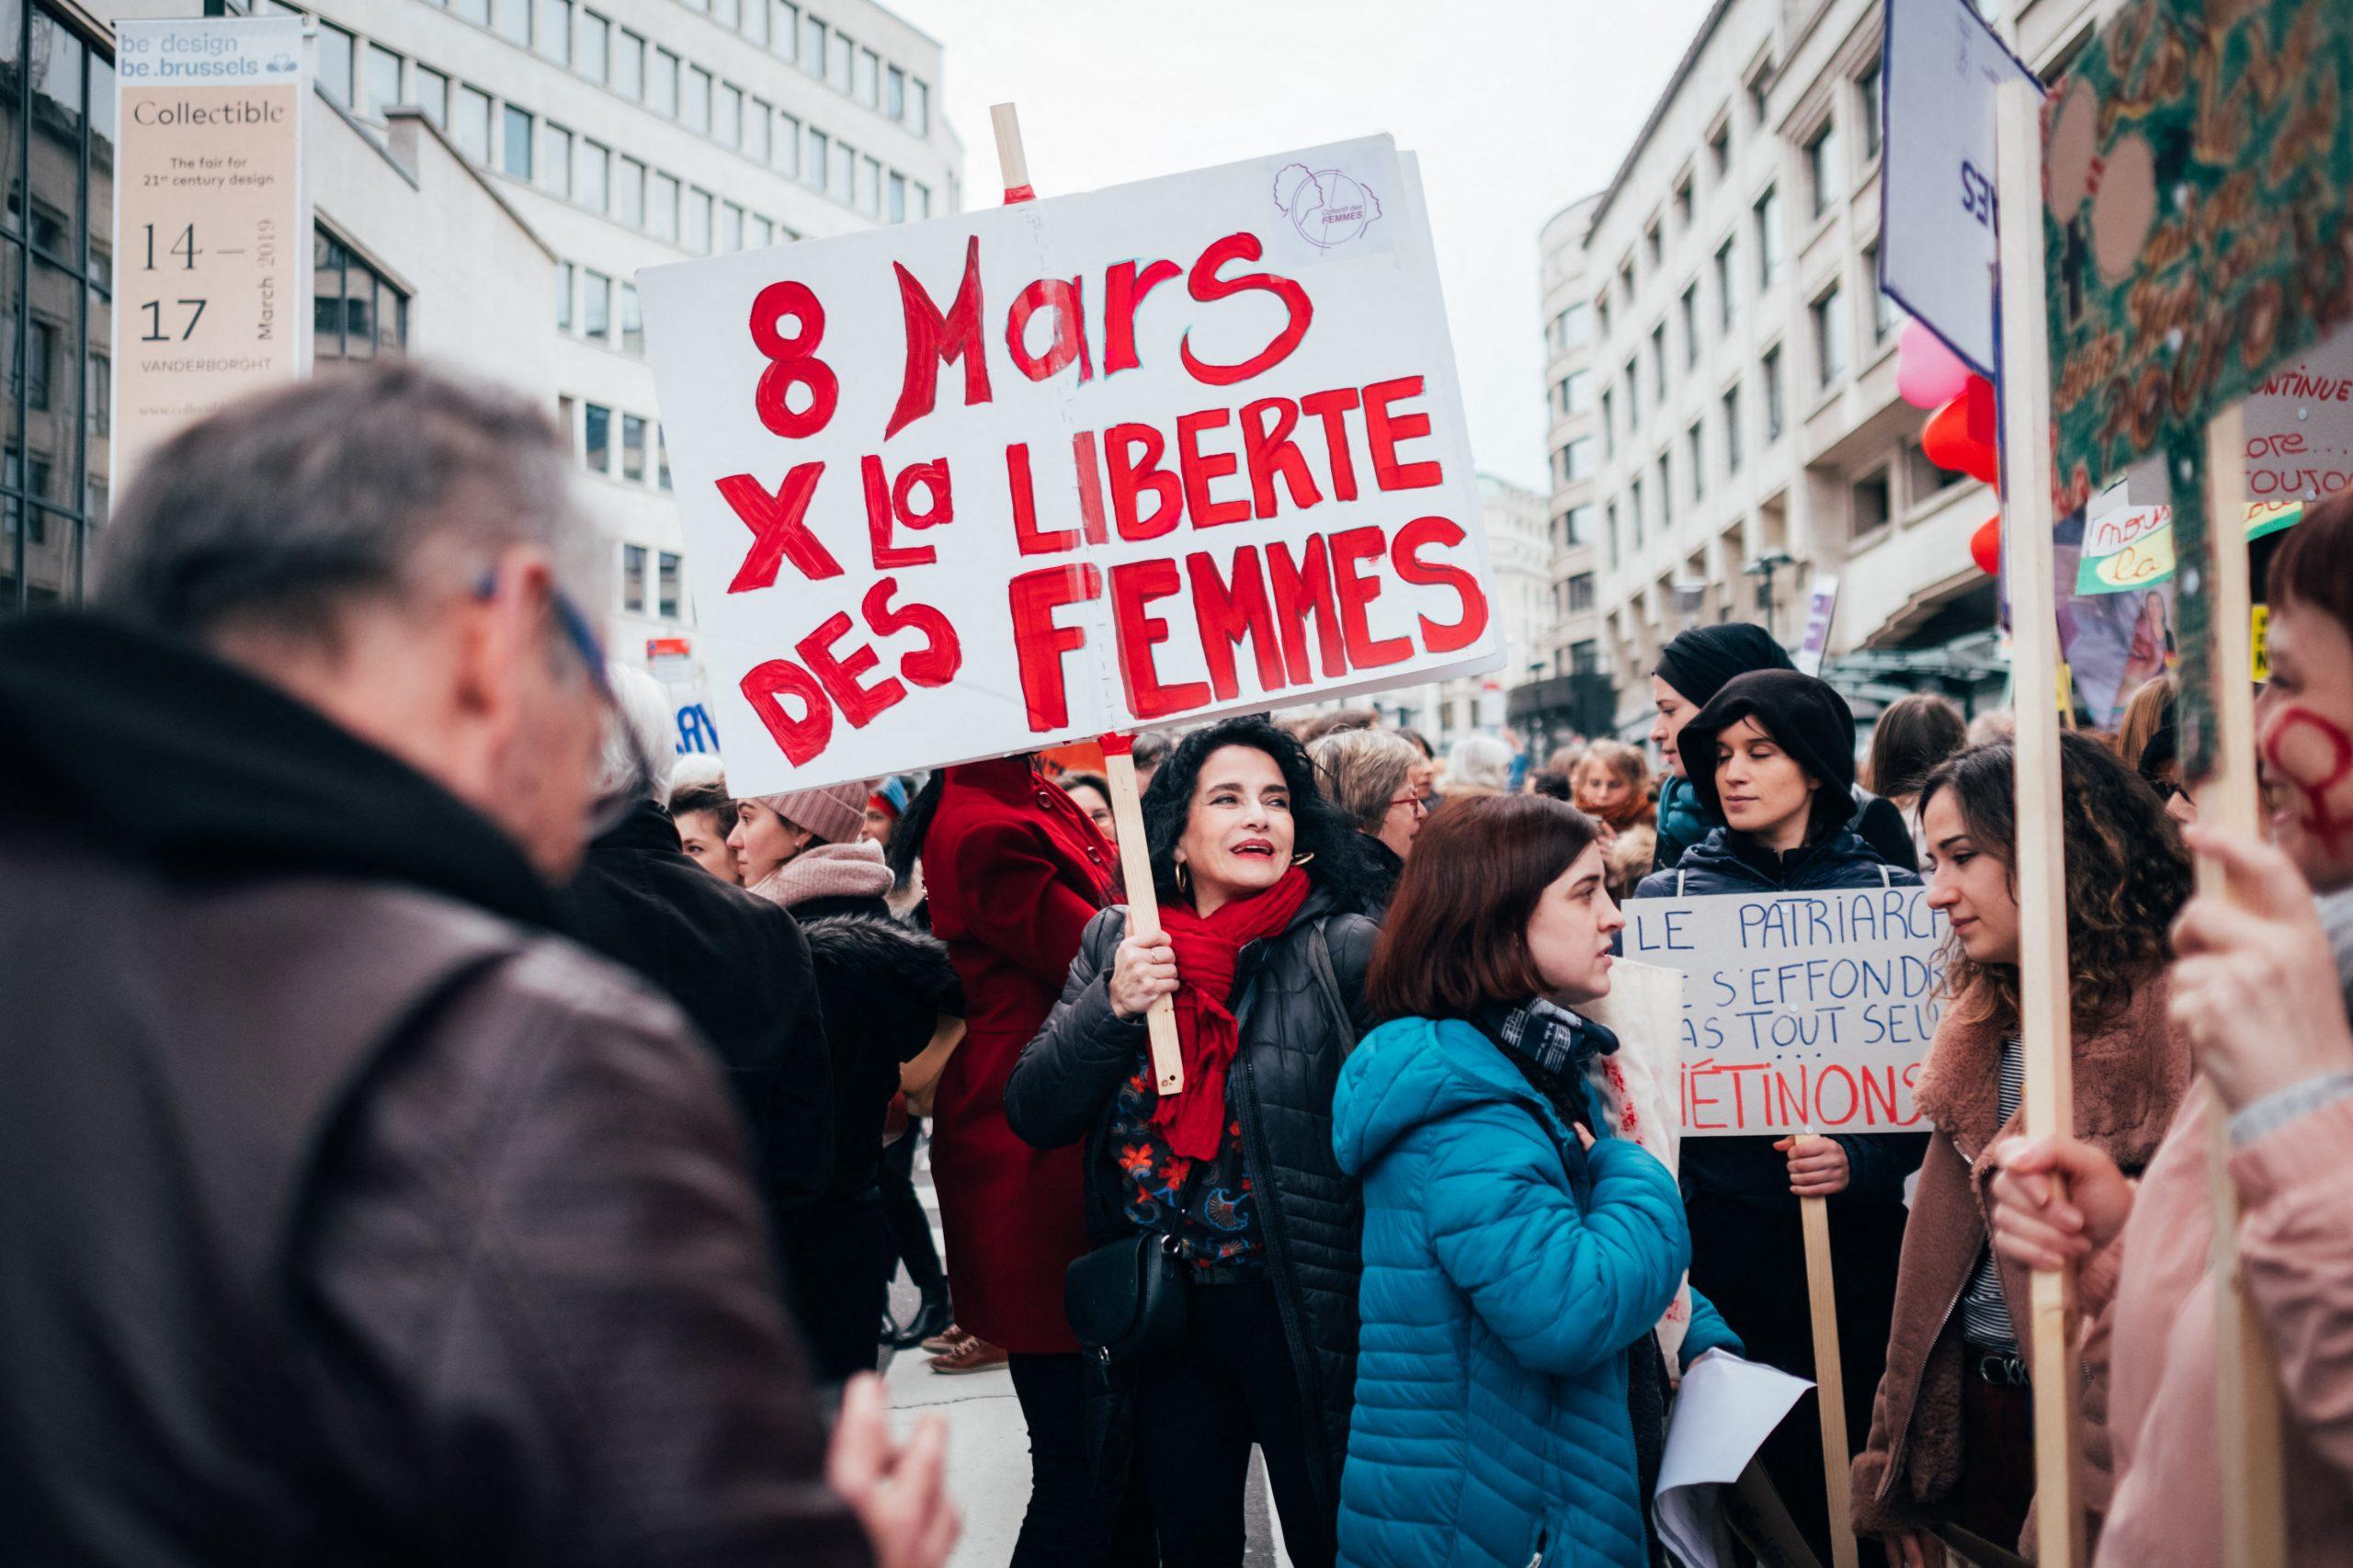 Droits Des Femmes : Un Pas En Avant, Deux En Arrière concernant Un Pas En Avant Deux Pas En Arrière